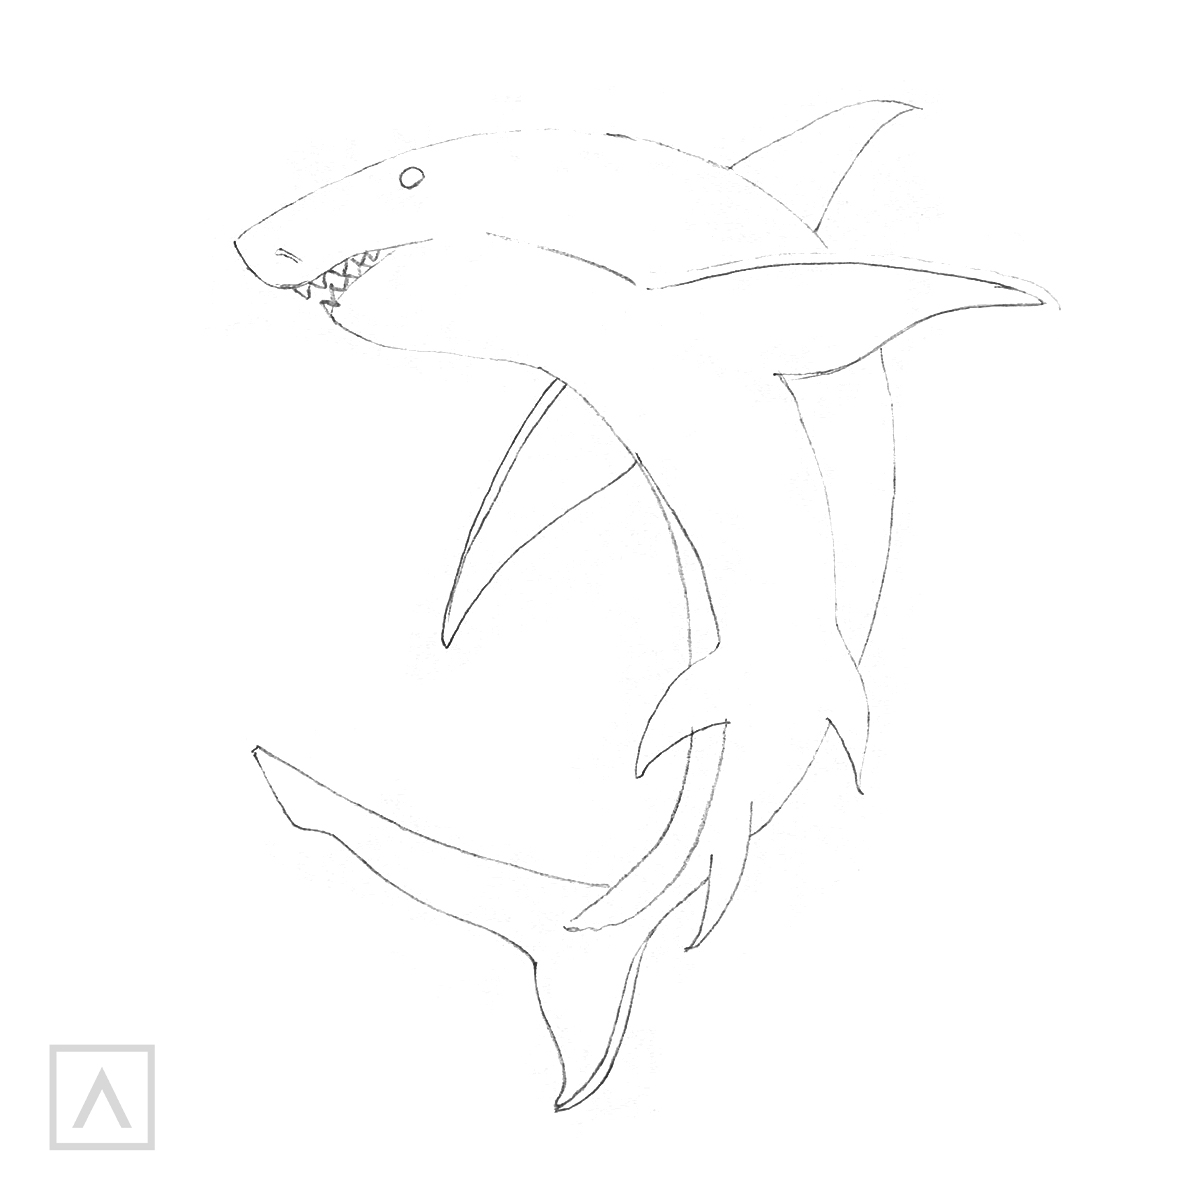 Cómo dibujar un tiburón - Paso 5